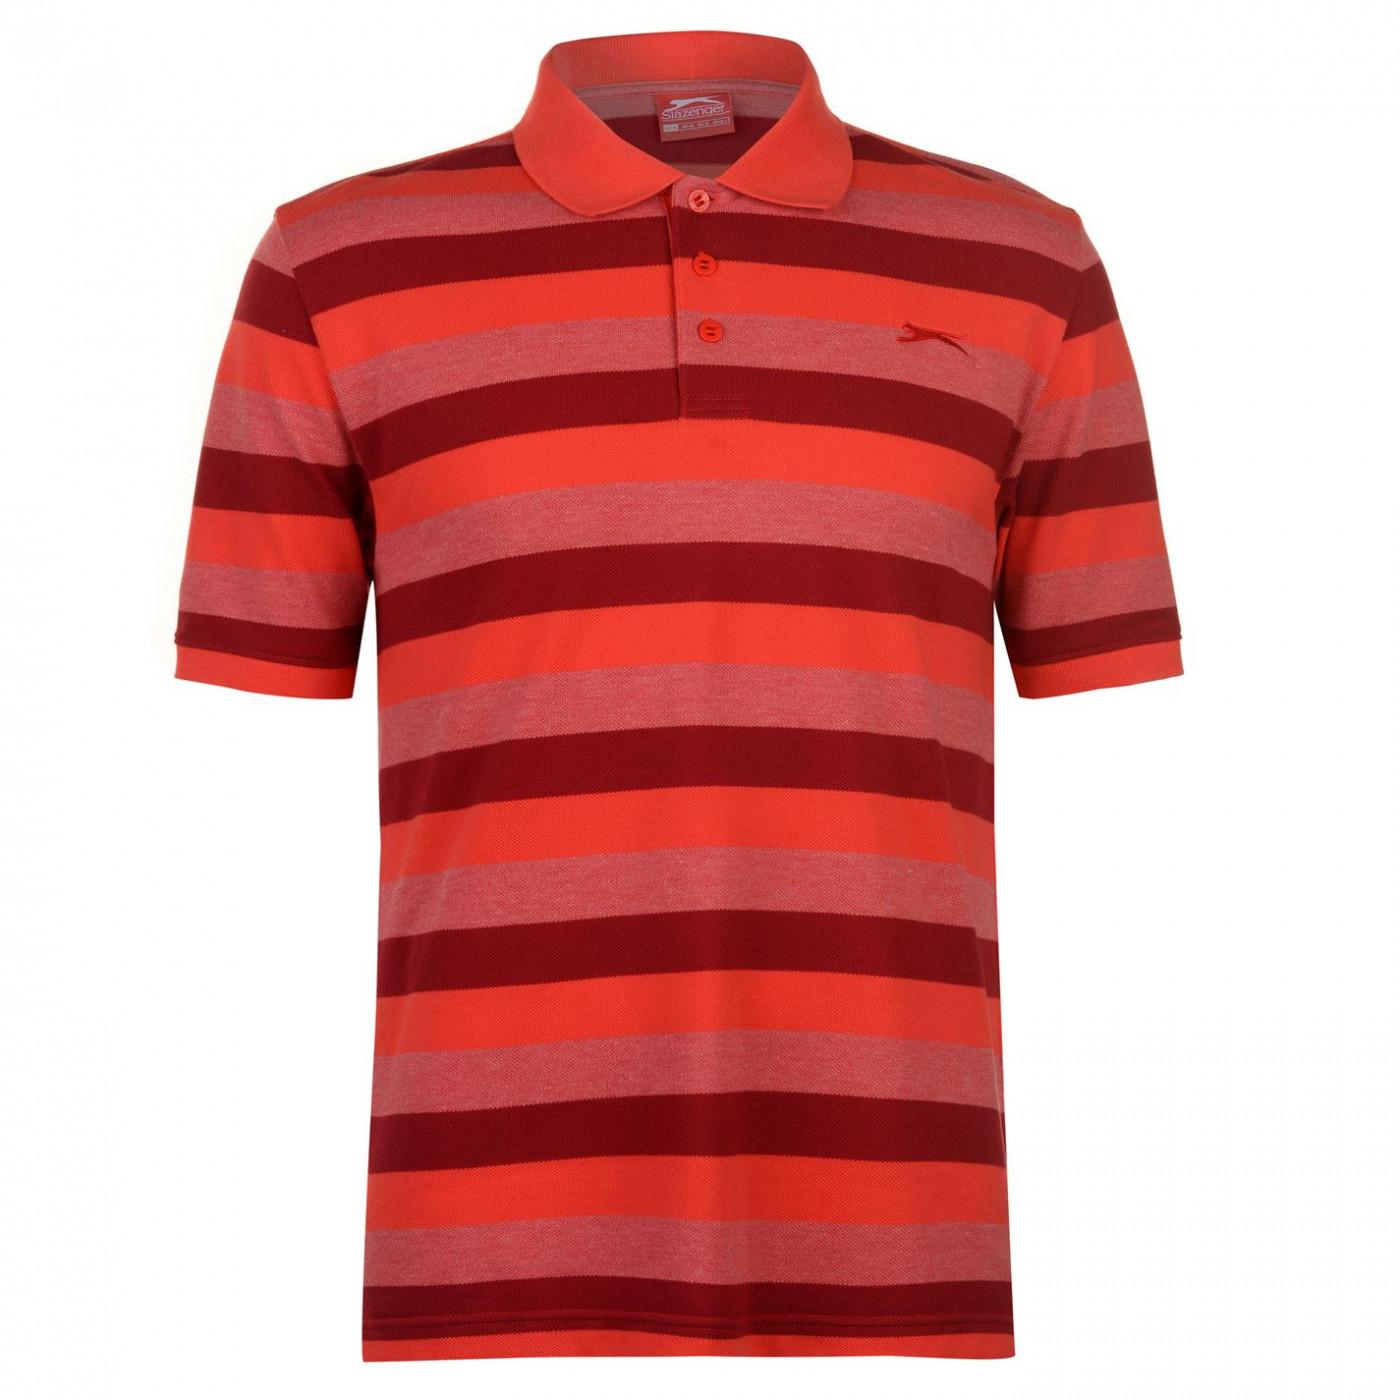 Slazenger Pique Polo Shirt Mens